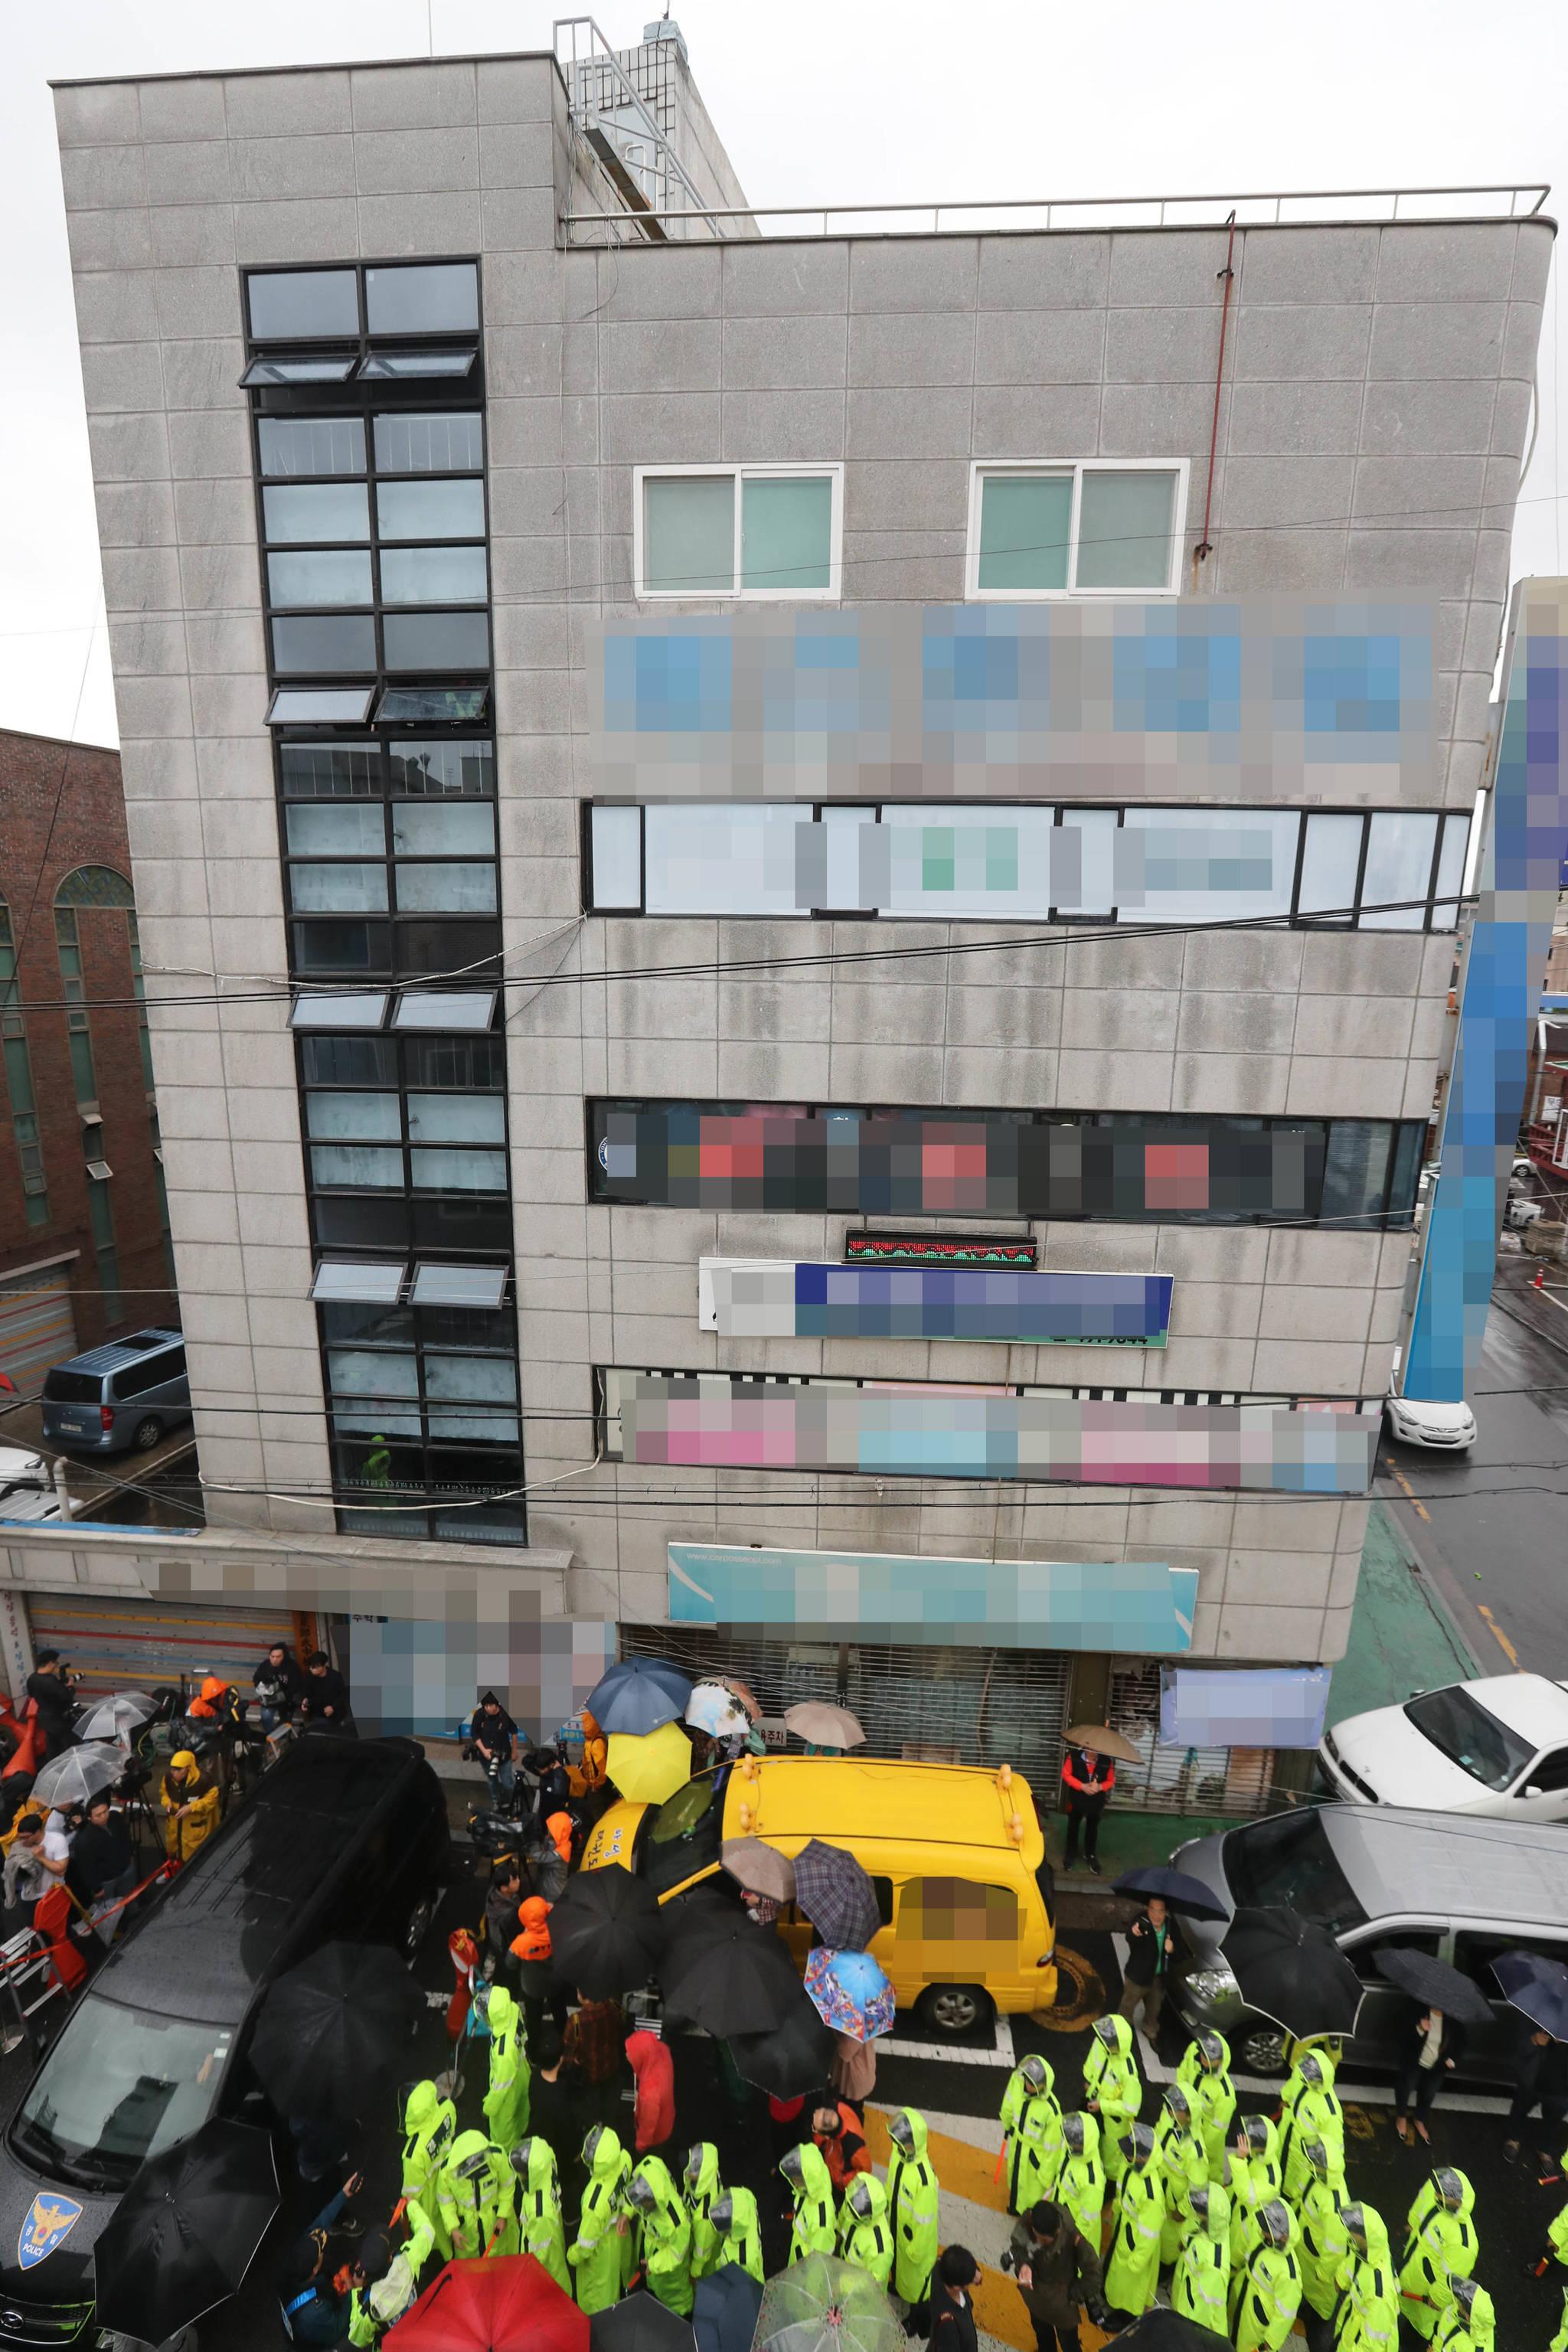 여중생 살해범으로 지목된 어금니 아빠 이영학에 대한 경찰의 현장검증이 서울 중랑구 망우동 363-1번지 그의 집에서 11일 열렸다. 건물 5층이 이영학이 거주하던 곳이다. 신인섭 기자